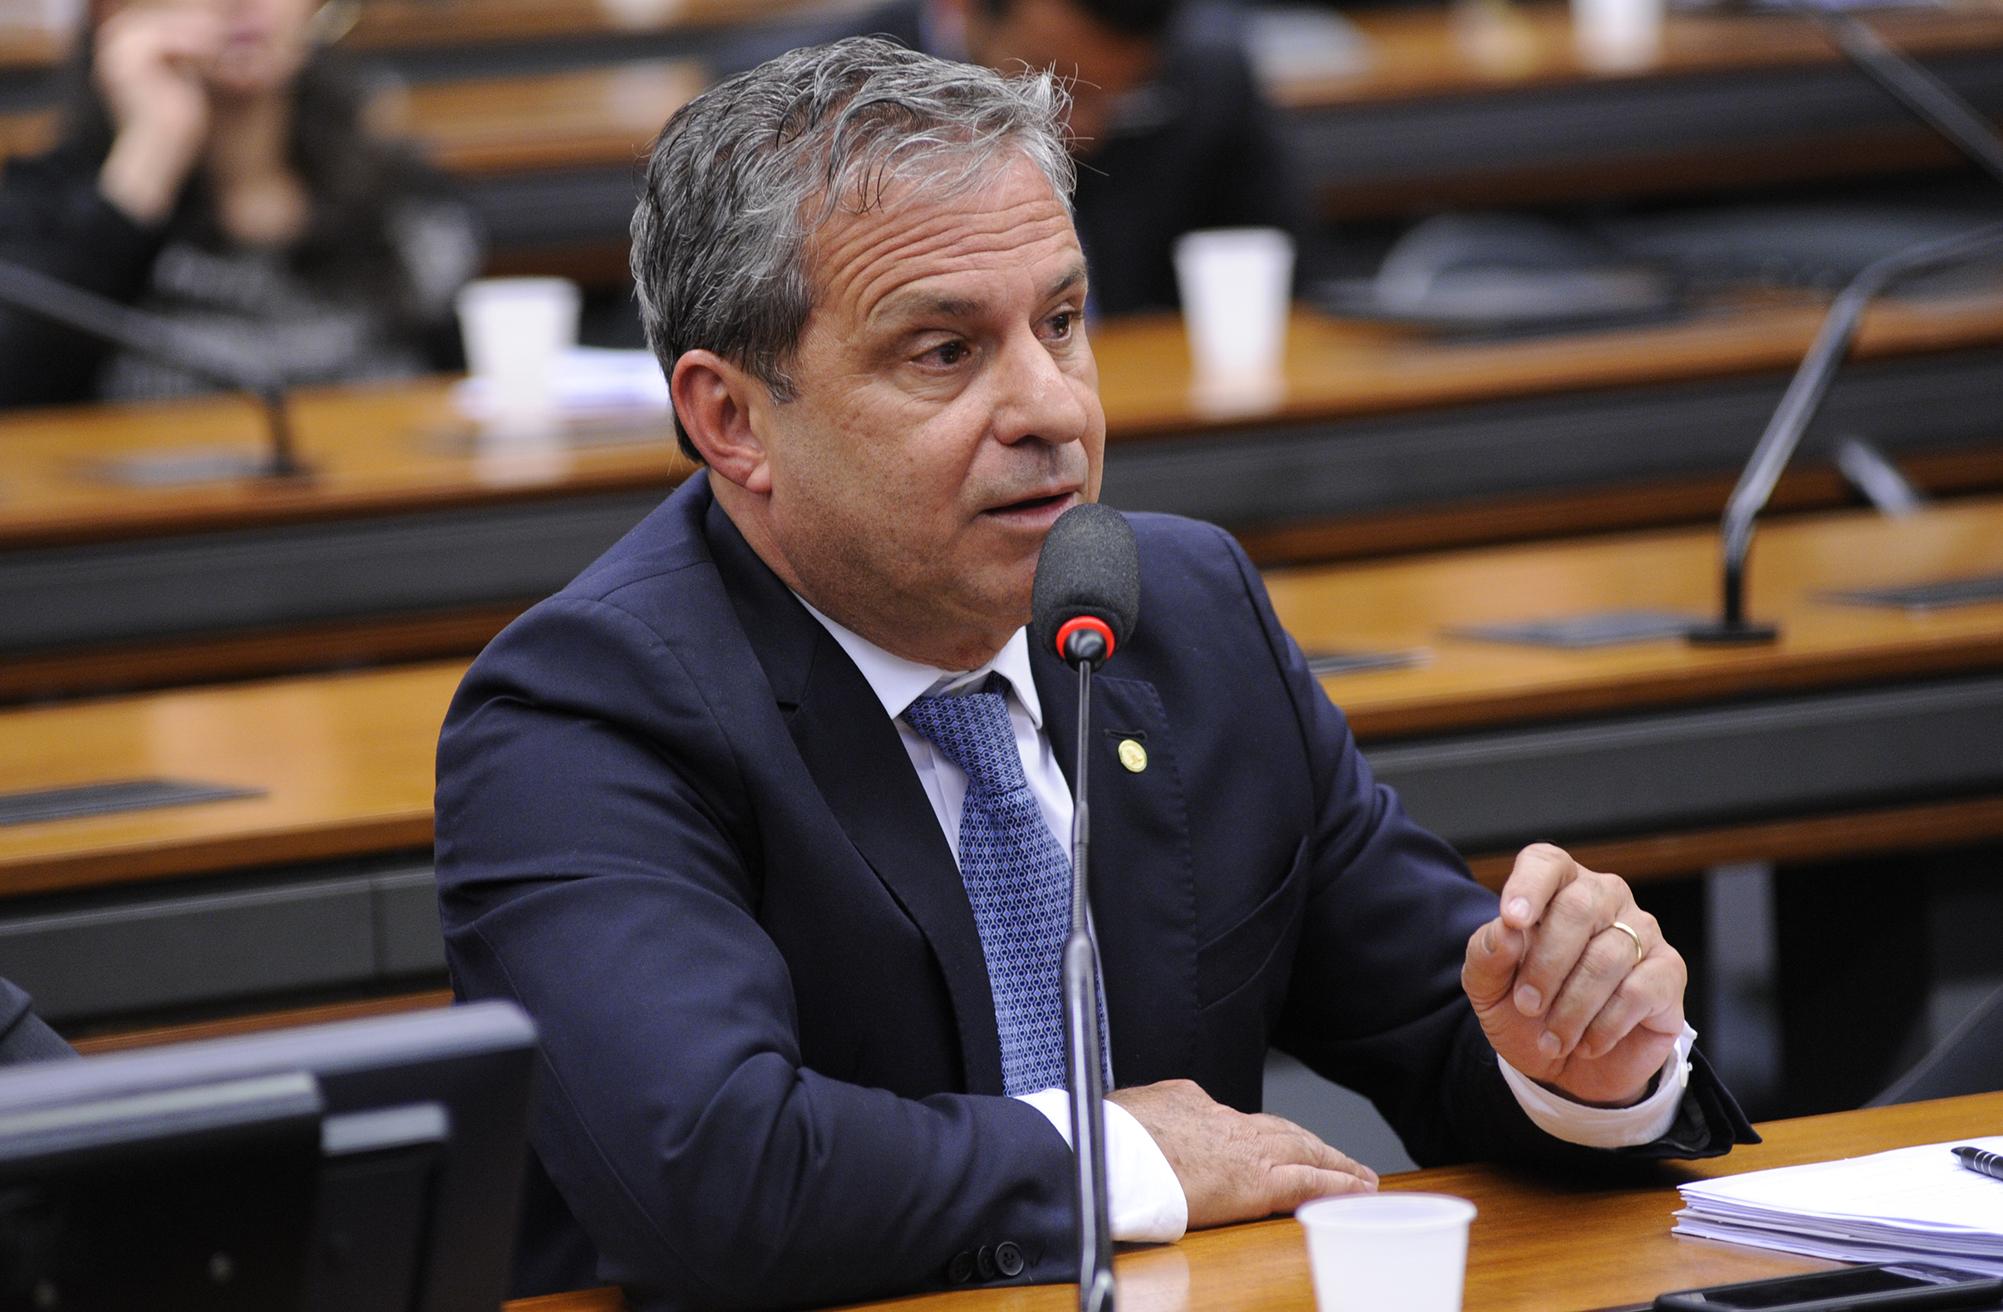 Alencar recomendou a aprovação do projeto (Foto: Lucio Bernardo Junior / Câmara dos Deputados)